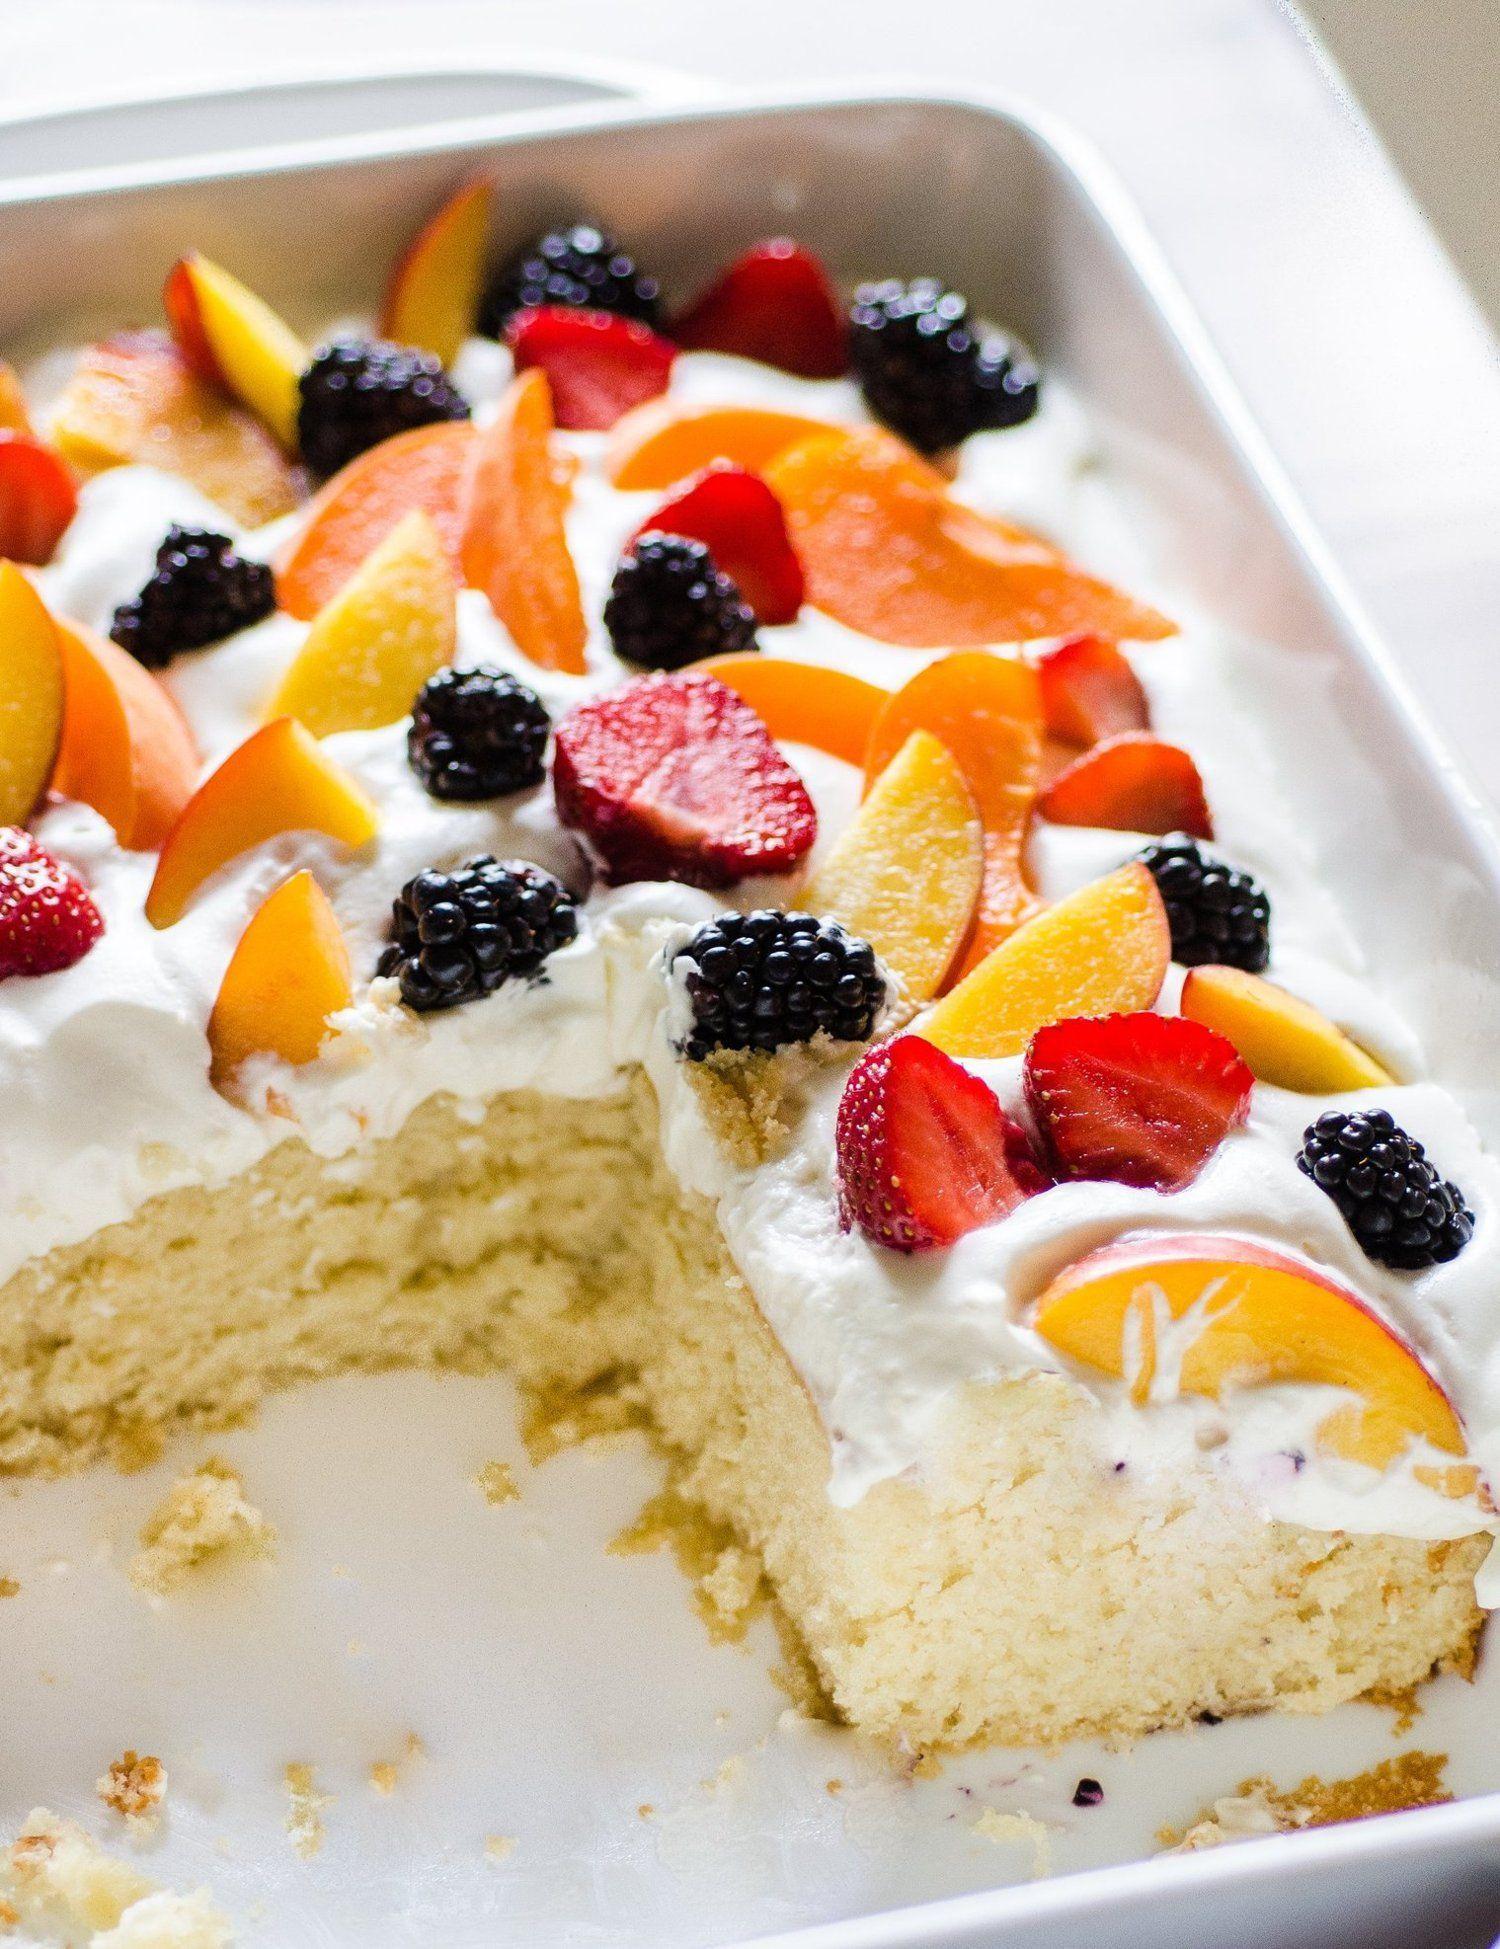 Easy Summer Fruit Desserts 20 Best Recipe Easy Summer Cake with Fruit & Cream — Dessert